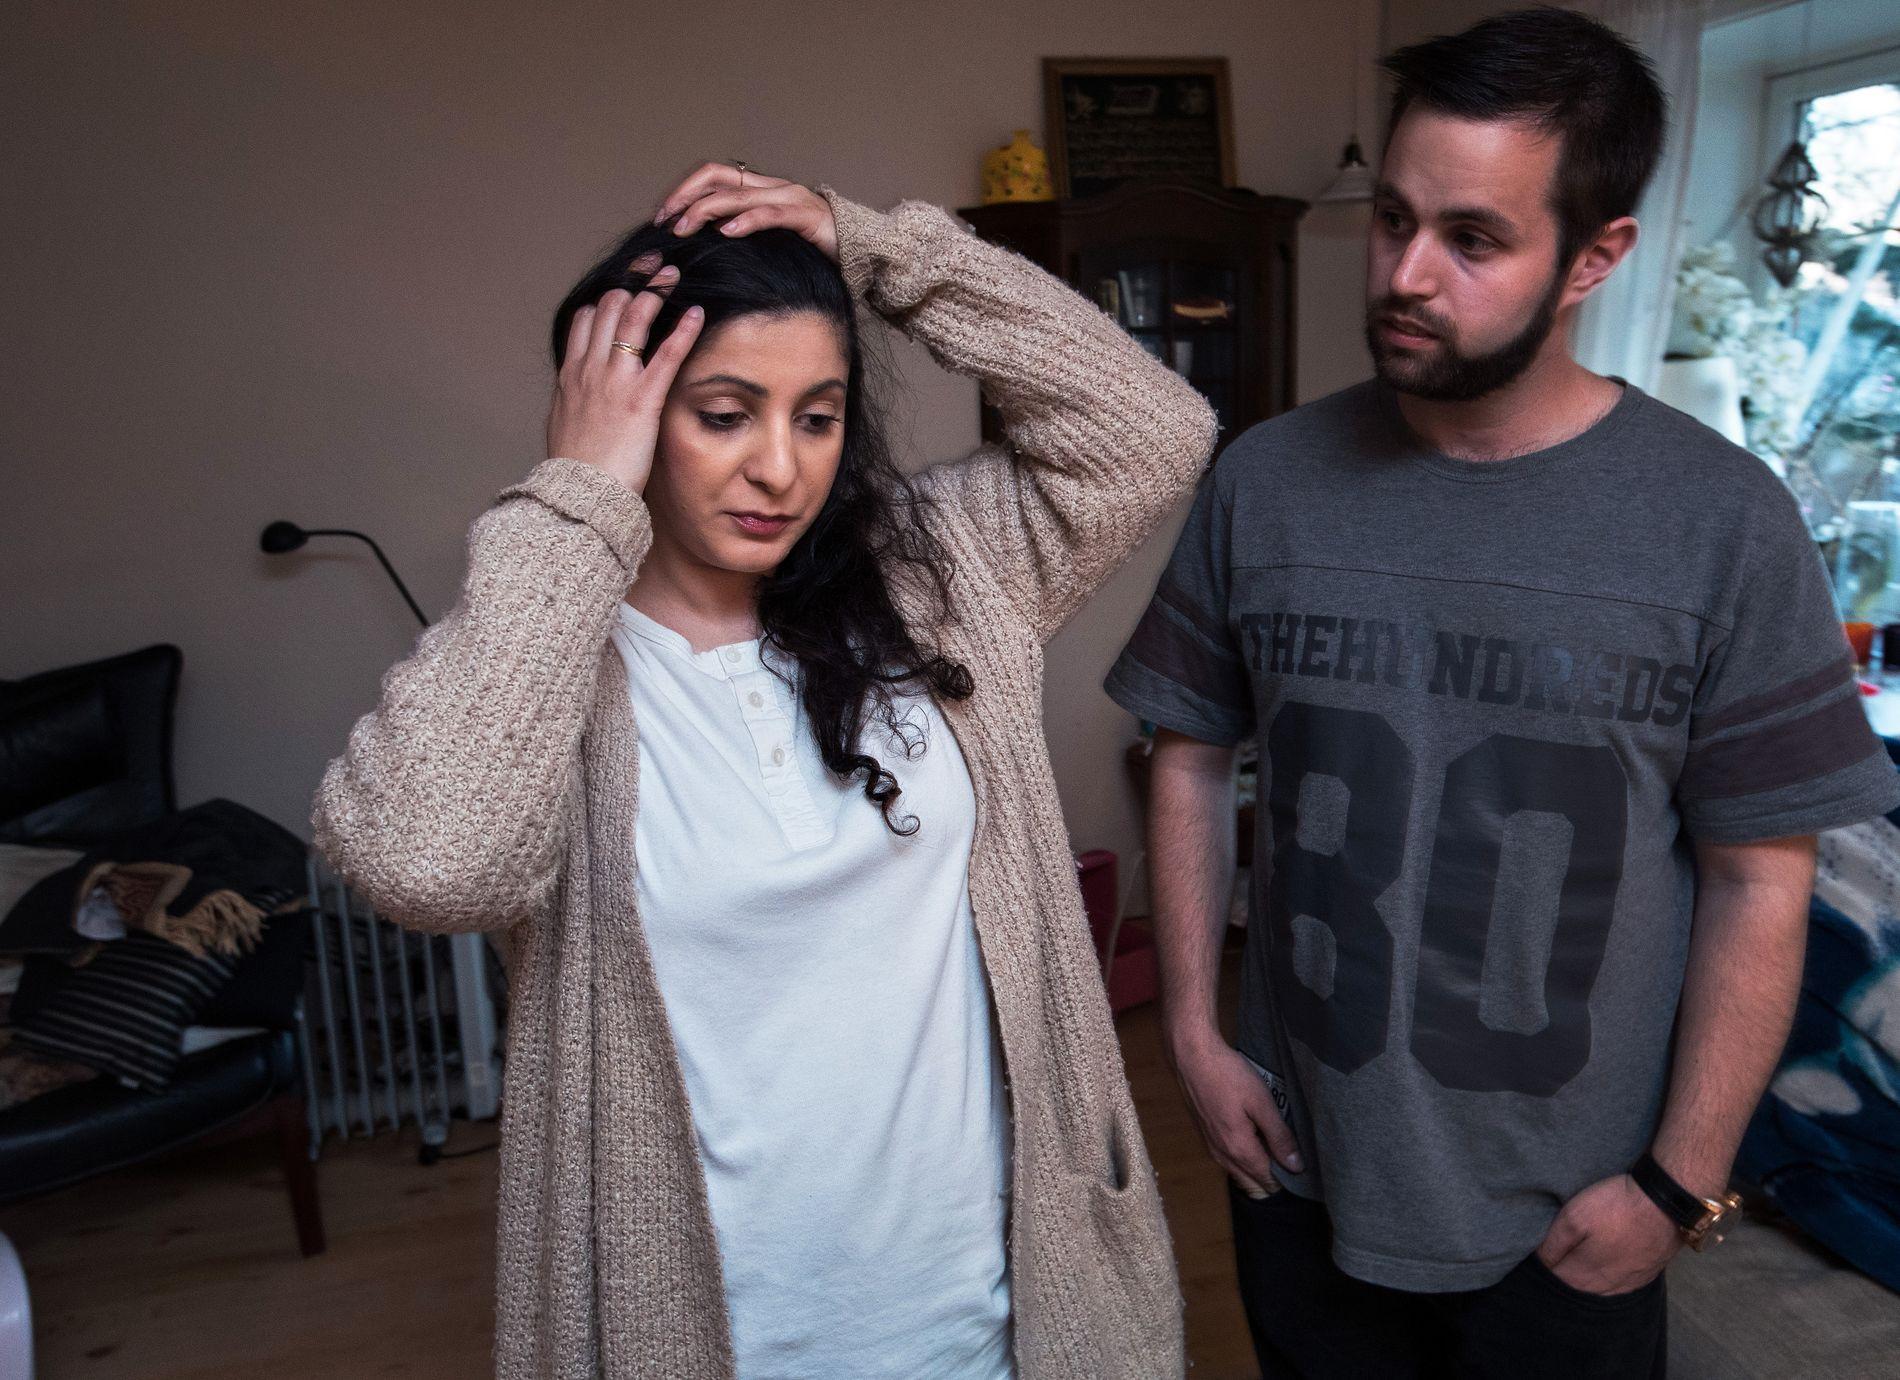 TRUSLER: Rania Jalal Al-Nashi og forloveden Yousef Bartho Assidiq har mottatt håndskrevne trusler utenfor døren deres uten at de vet hvem det kommer fra. Begge er aktive i den offentlige samfunnsdebatten.